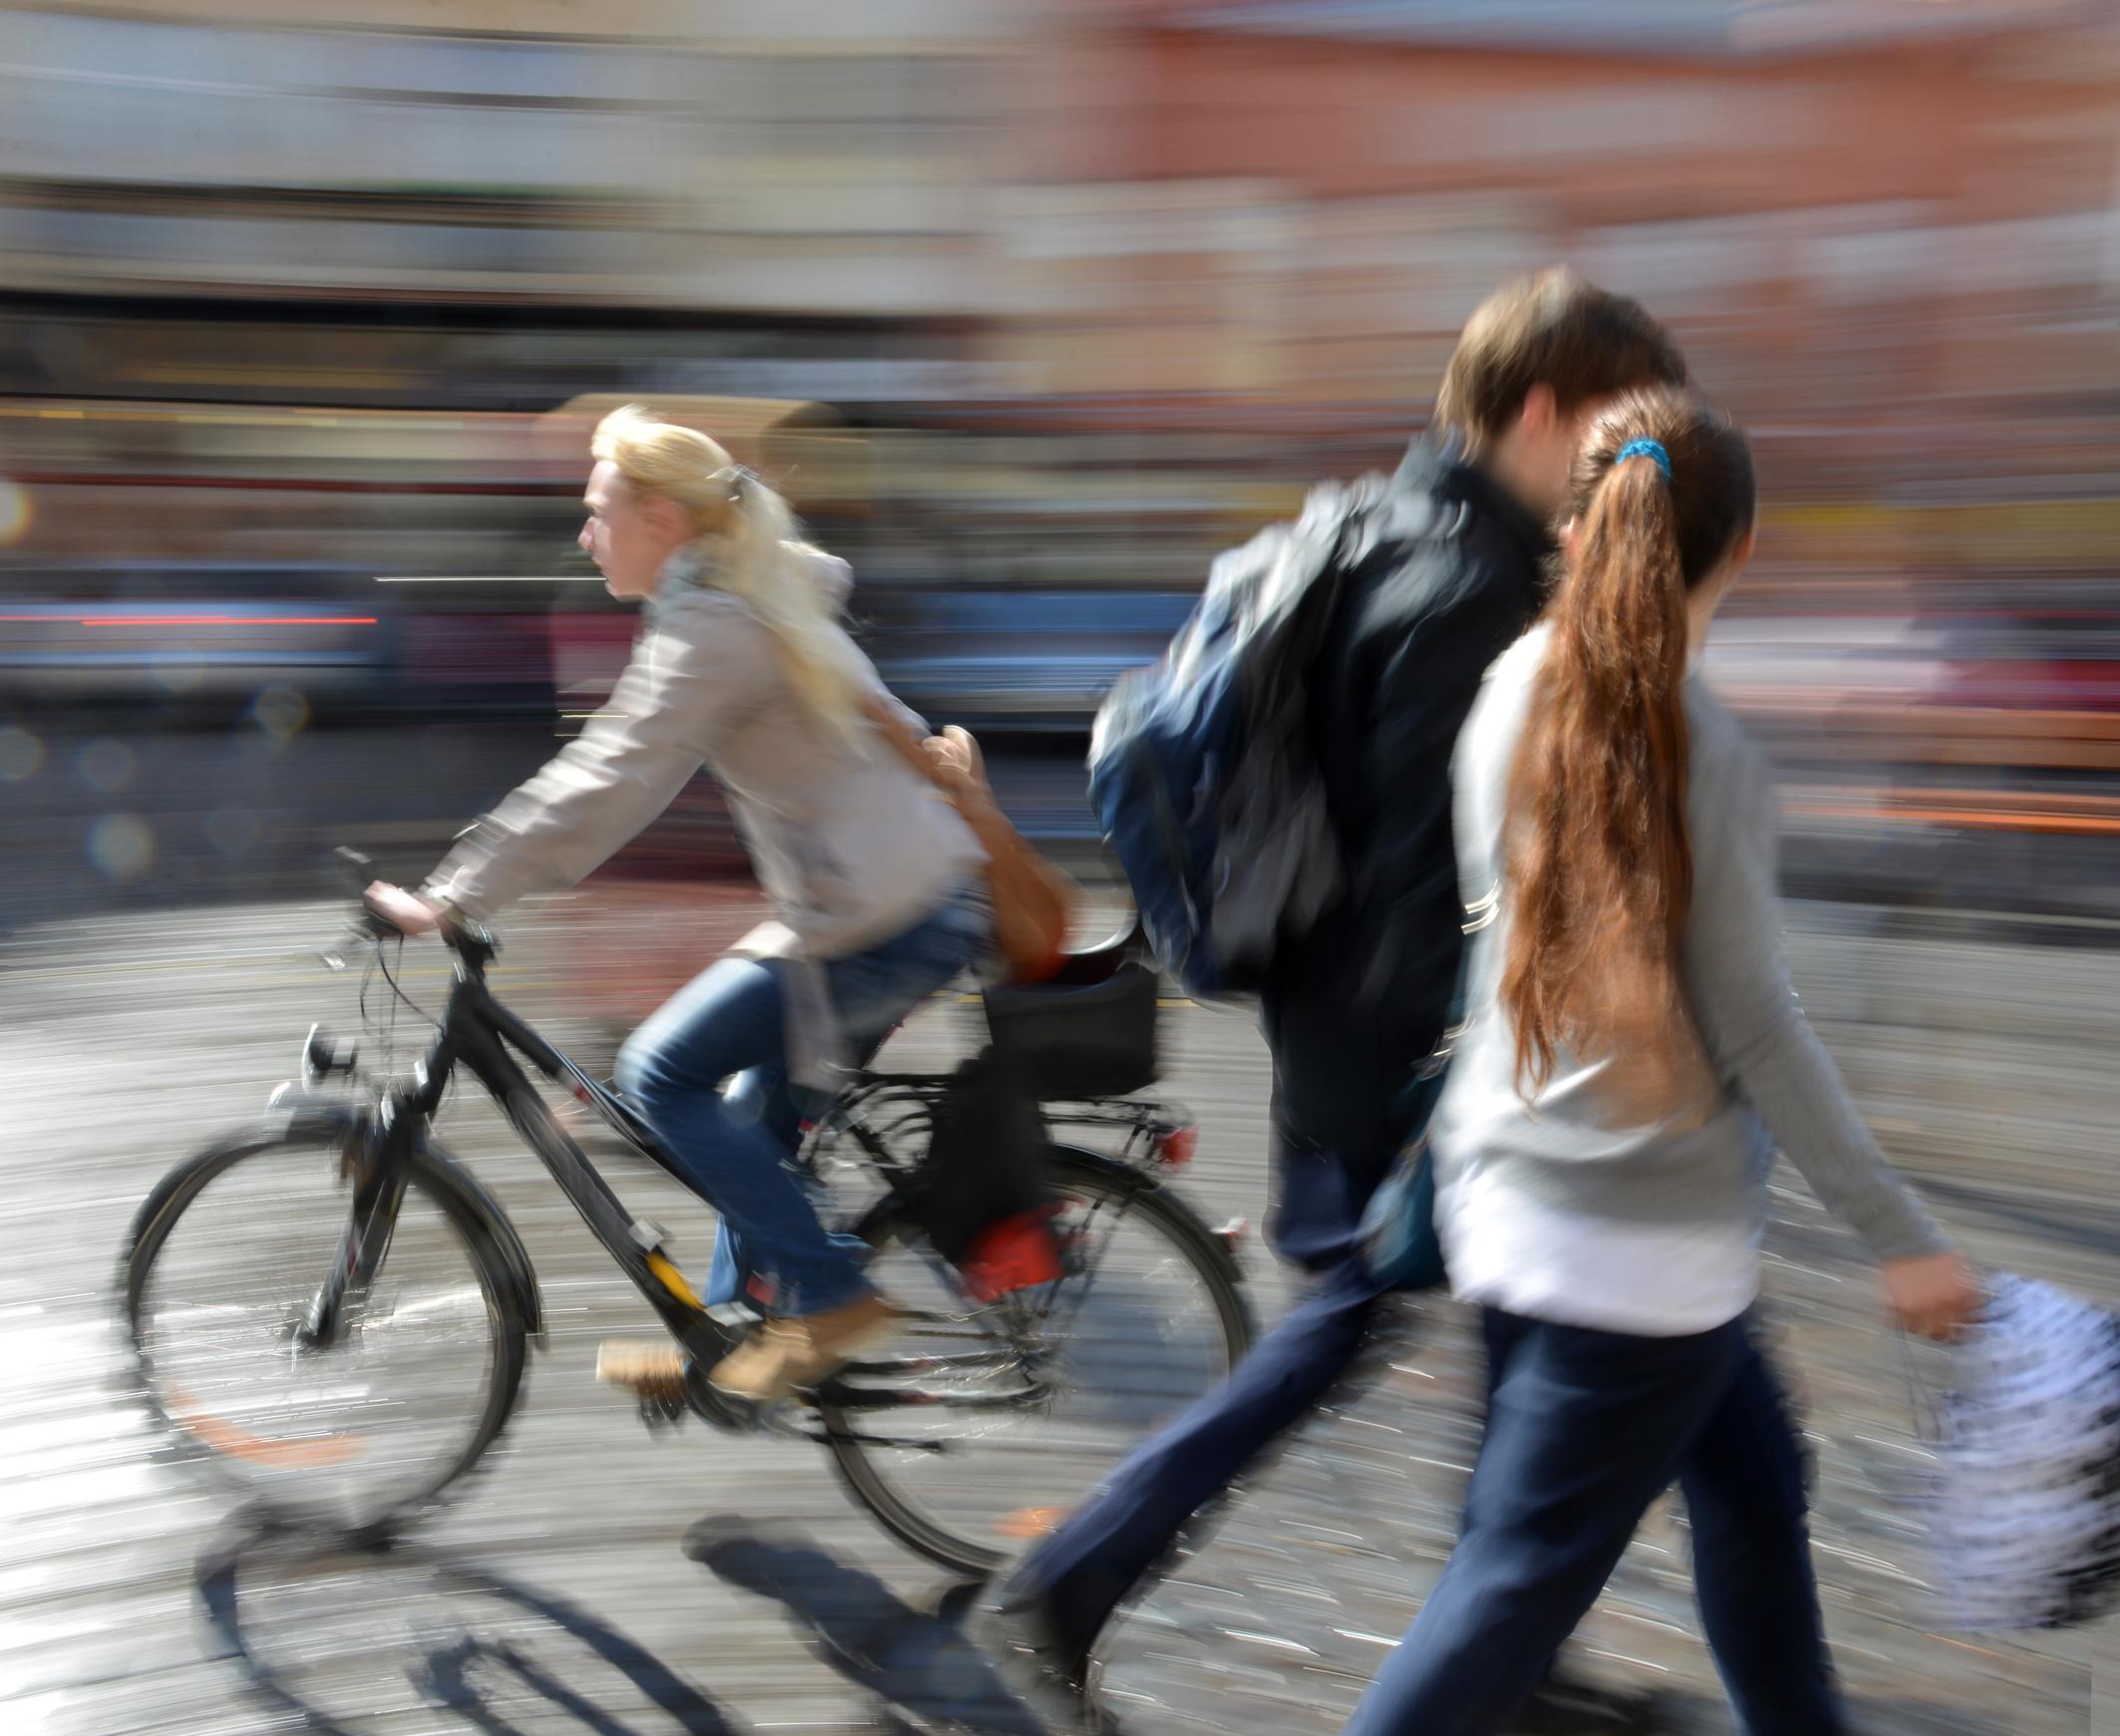 Das Foto zeigt Fußgänger und Radfahrer